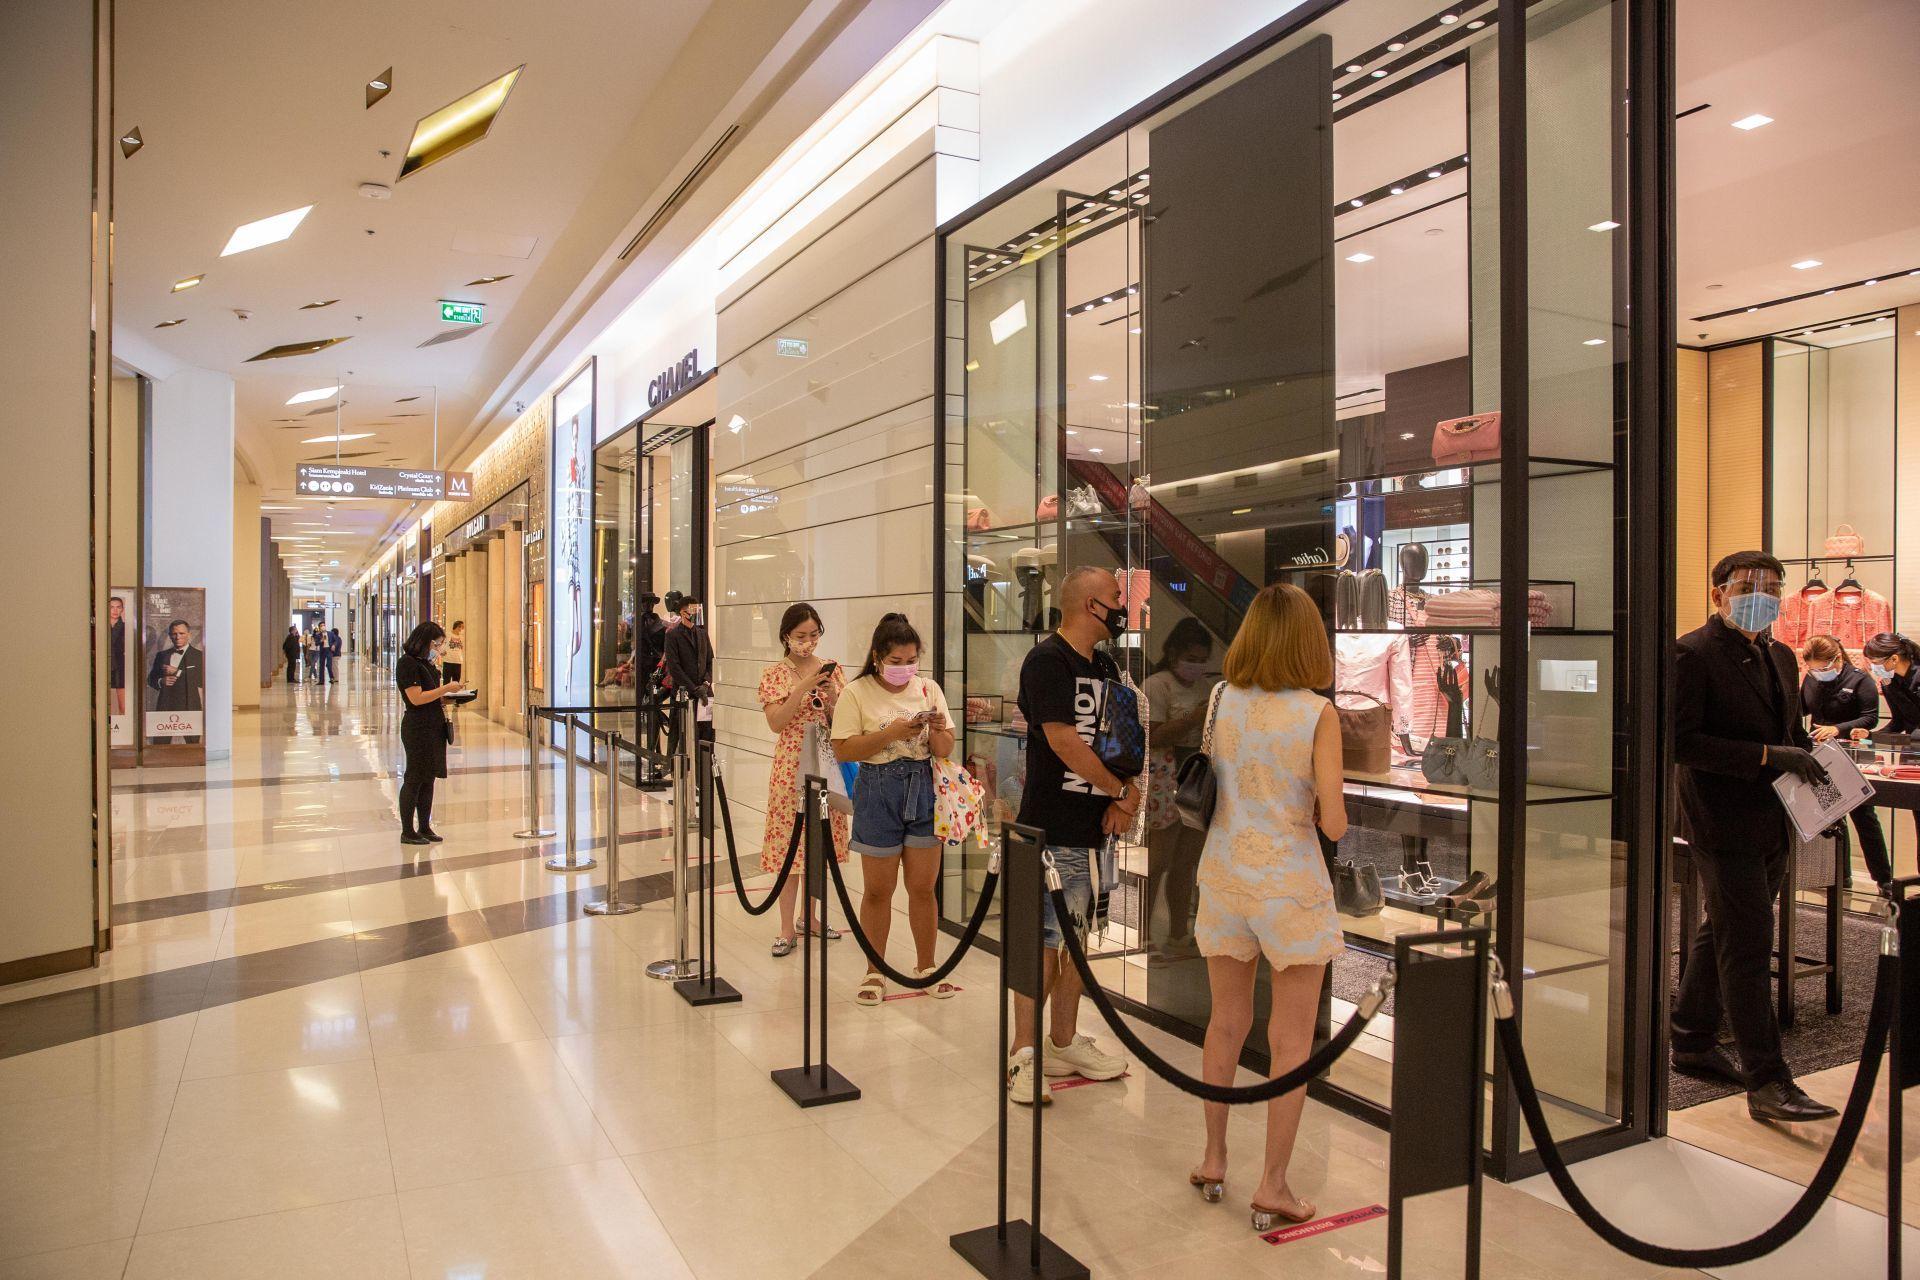 Nem csak nálunk, a világ minden pontján kiemelten figyelnek rá, ahol újranyithattak az üzletek, hogy a vásárlók biztonságos távolságot tartsanak egymástól.